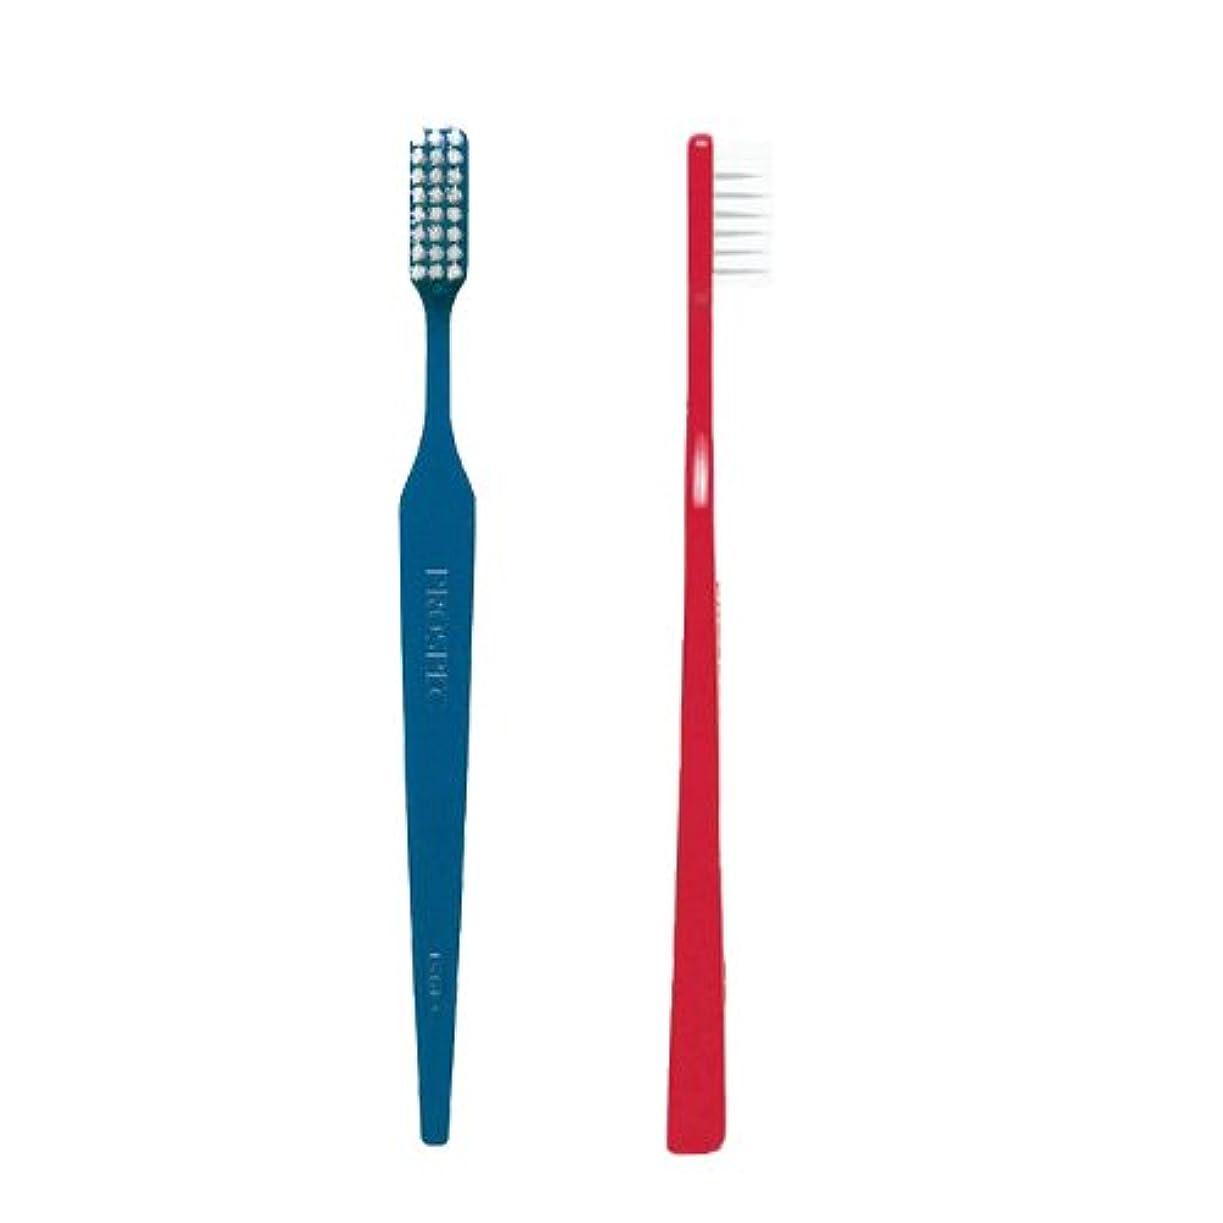 解決民族主義であるGC ジーシープロスペック歯ブラシ アダルト× 5本セット H(かため)